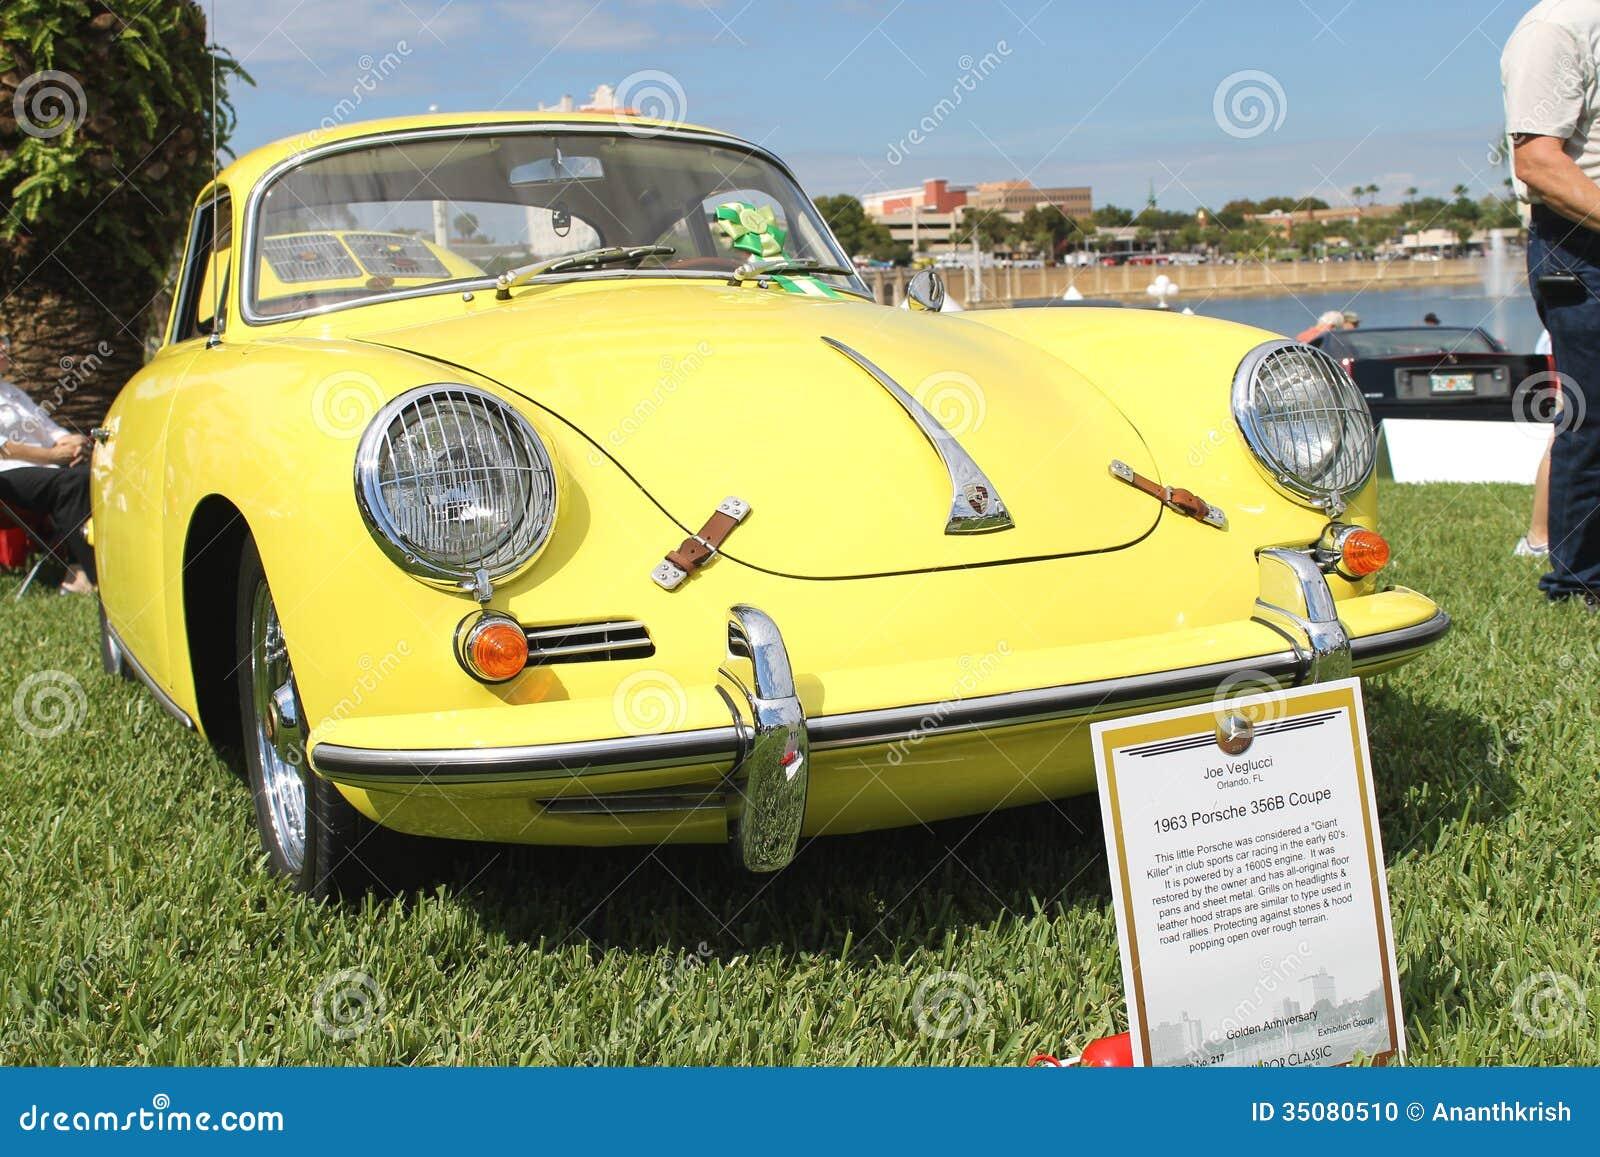 Vieille voiture de sport de porsche au salon automobile - Image de vieille voiture ...